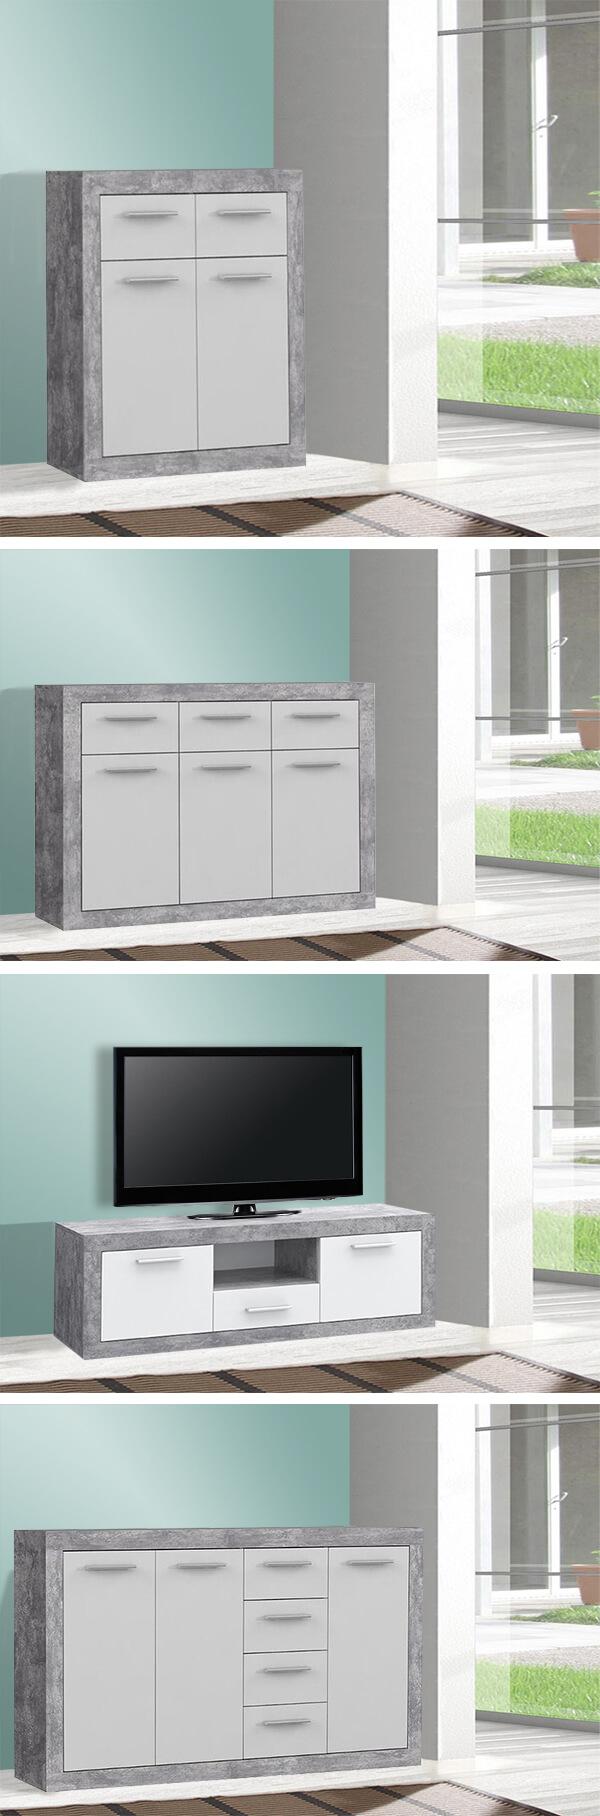 lowboard tv schrank fernsehtisch 148cm beton lichtgrau wei 62996 ebay. Black Bedroom Furniture Sets. Home Design Ideas